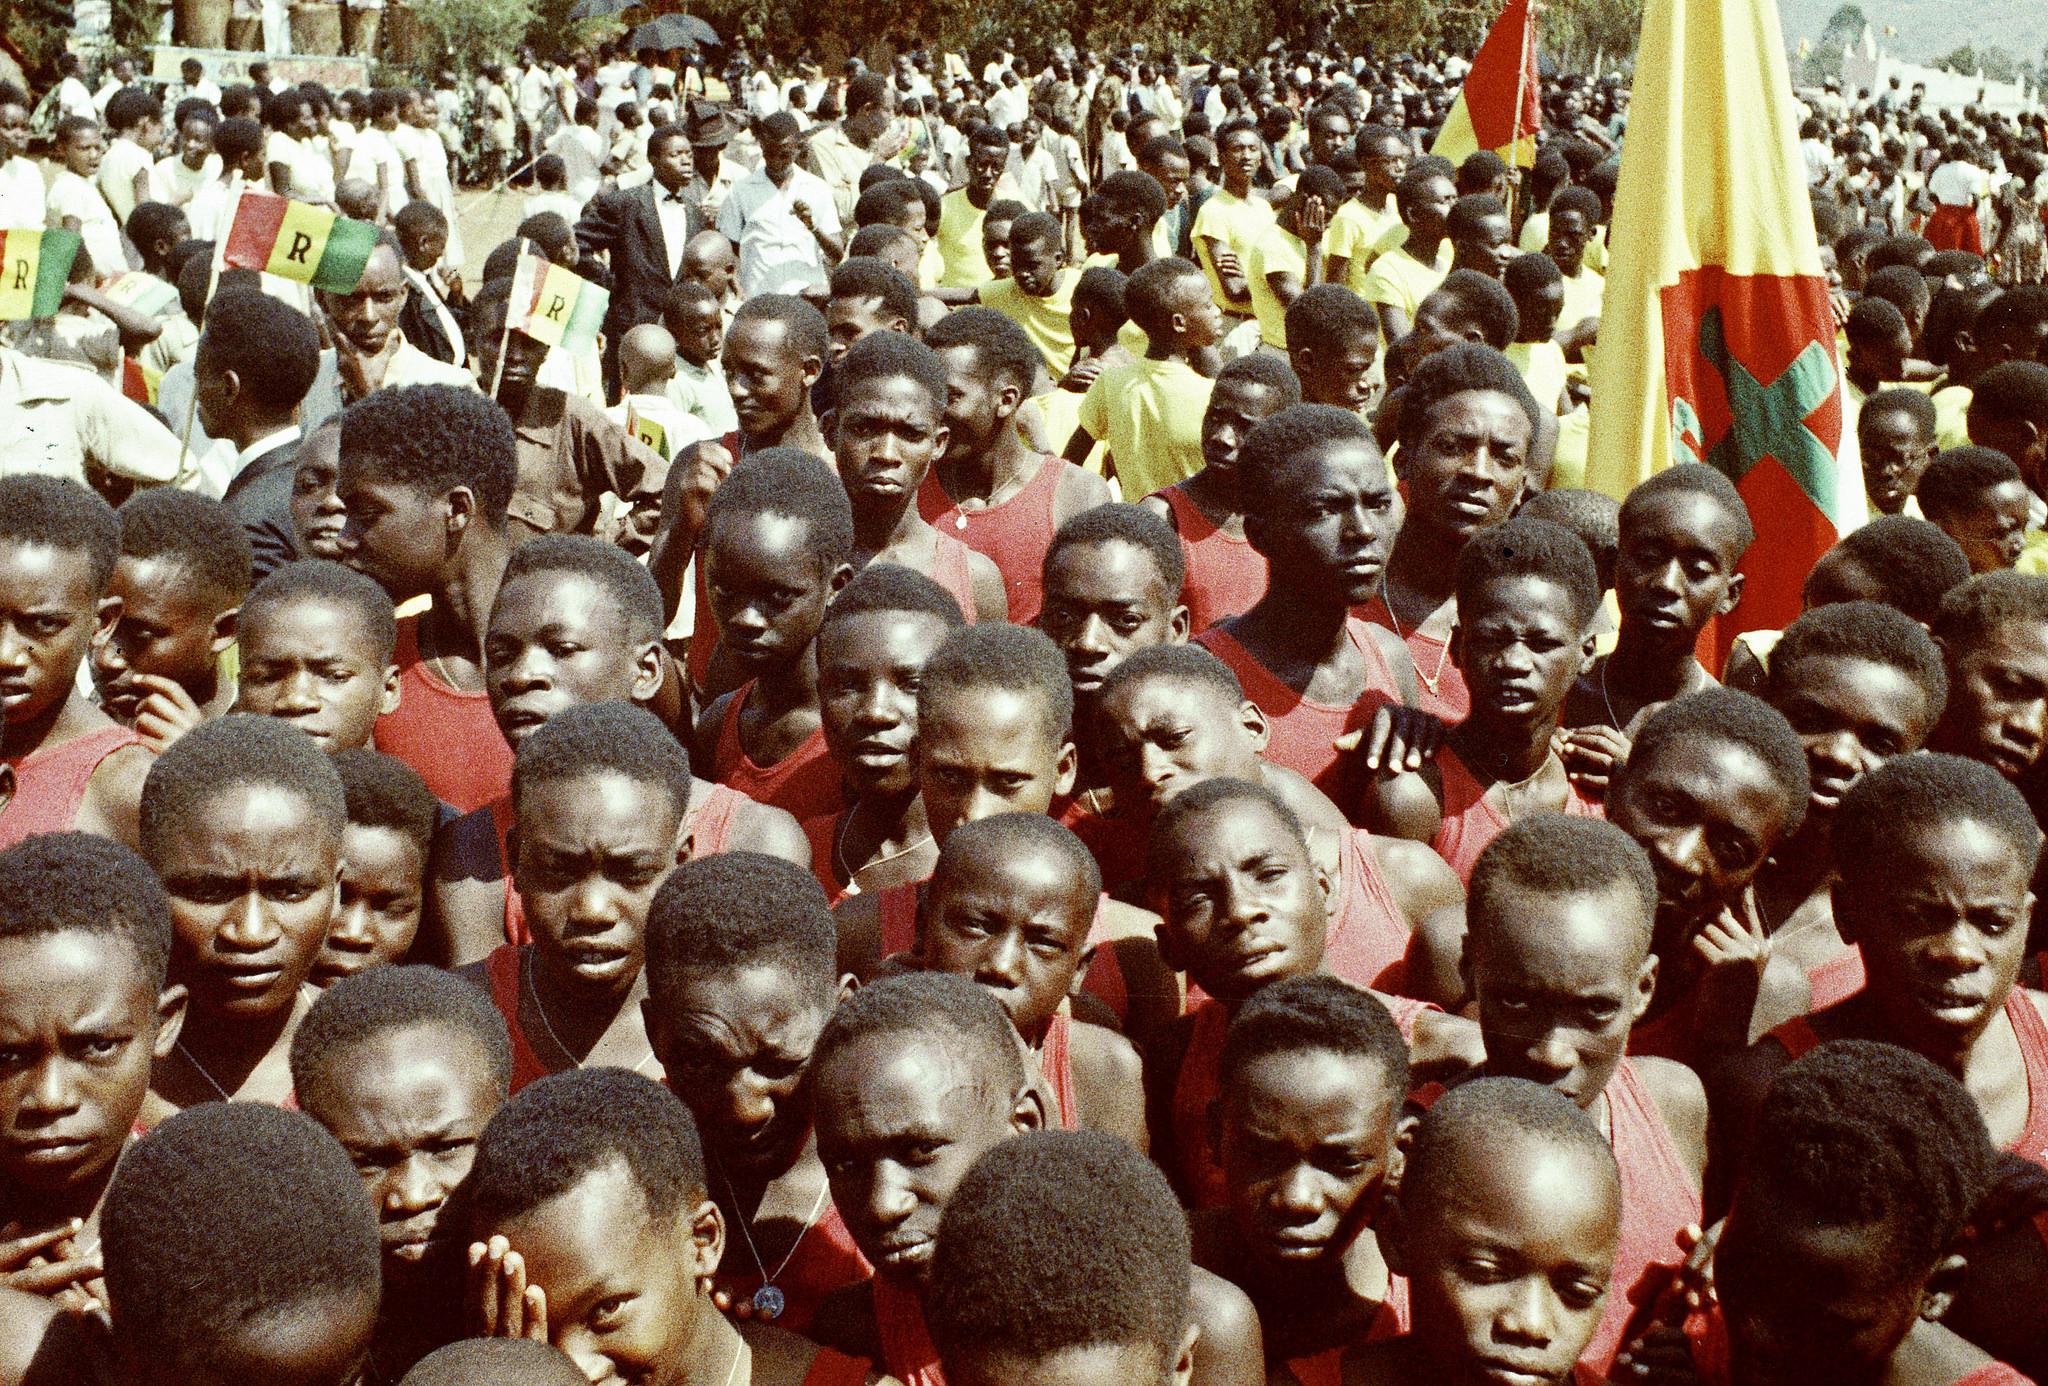 Viering van de onafhankelijkheid van Rwanda in 1962